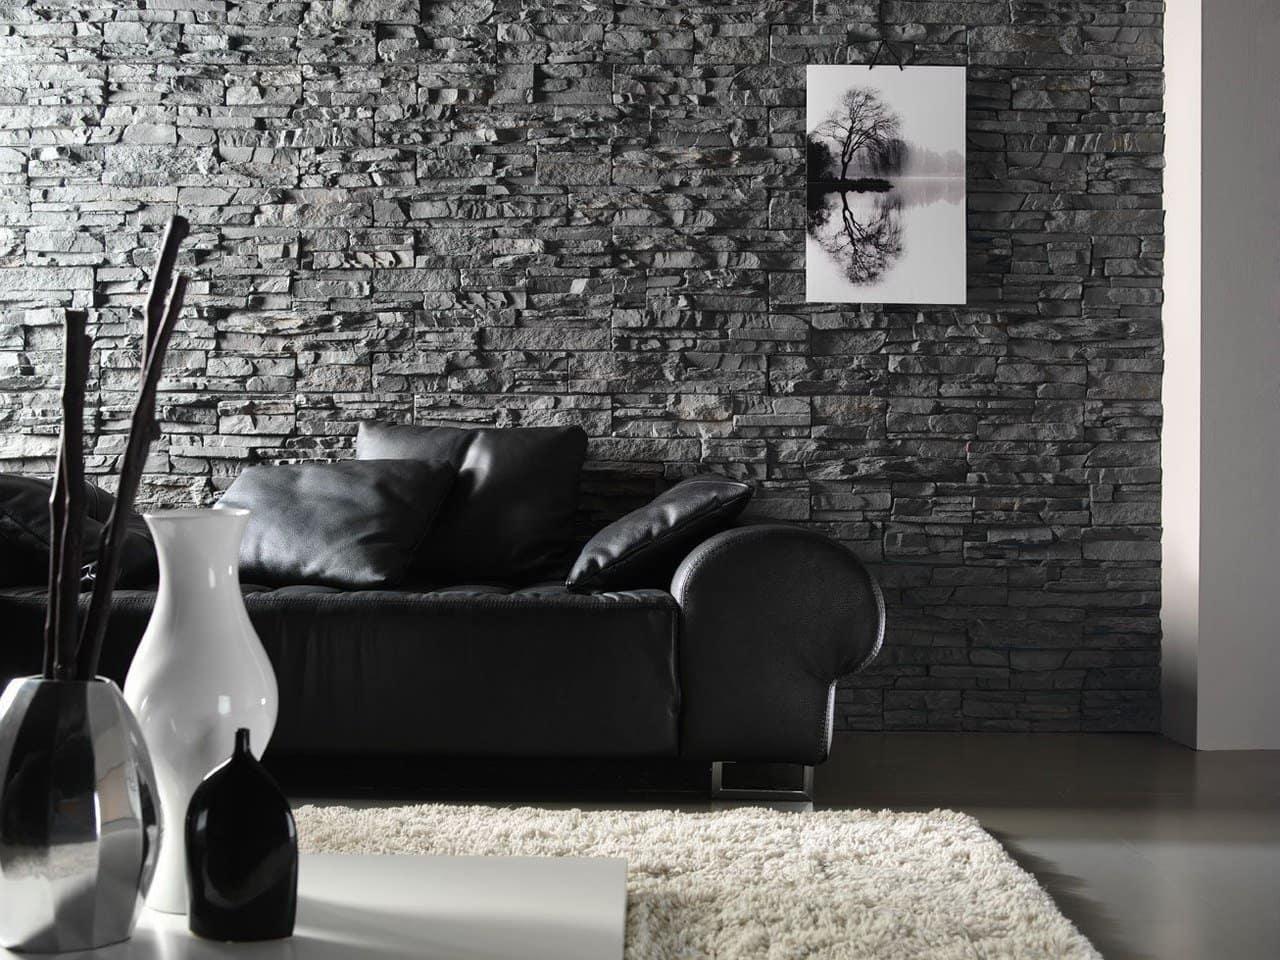 Декорирование стены - один из важных элементов дизайна гостиной в современном стиле